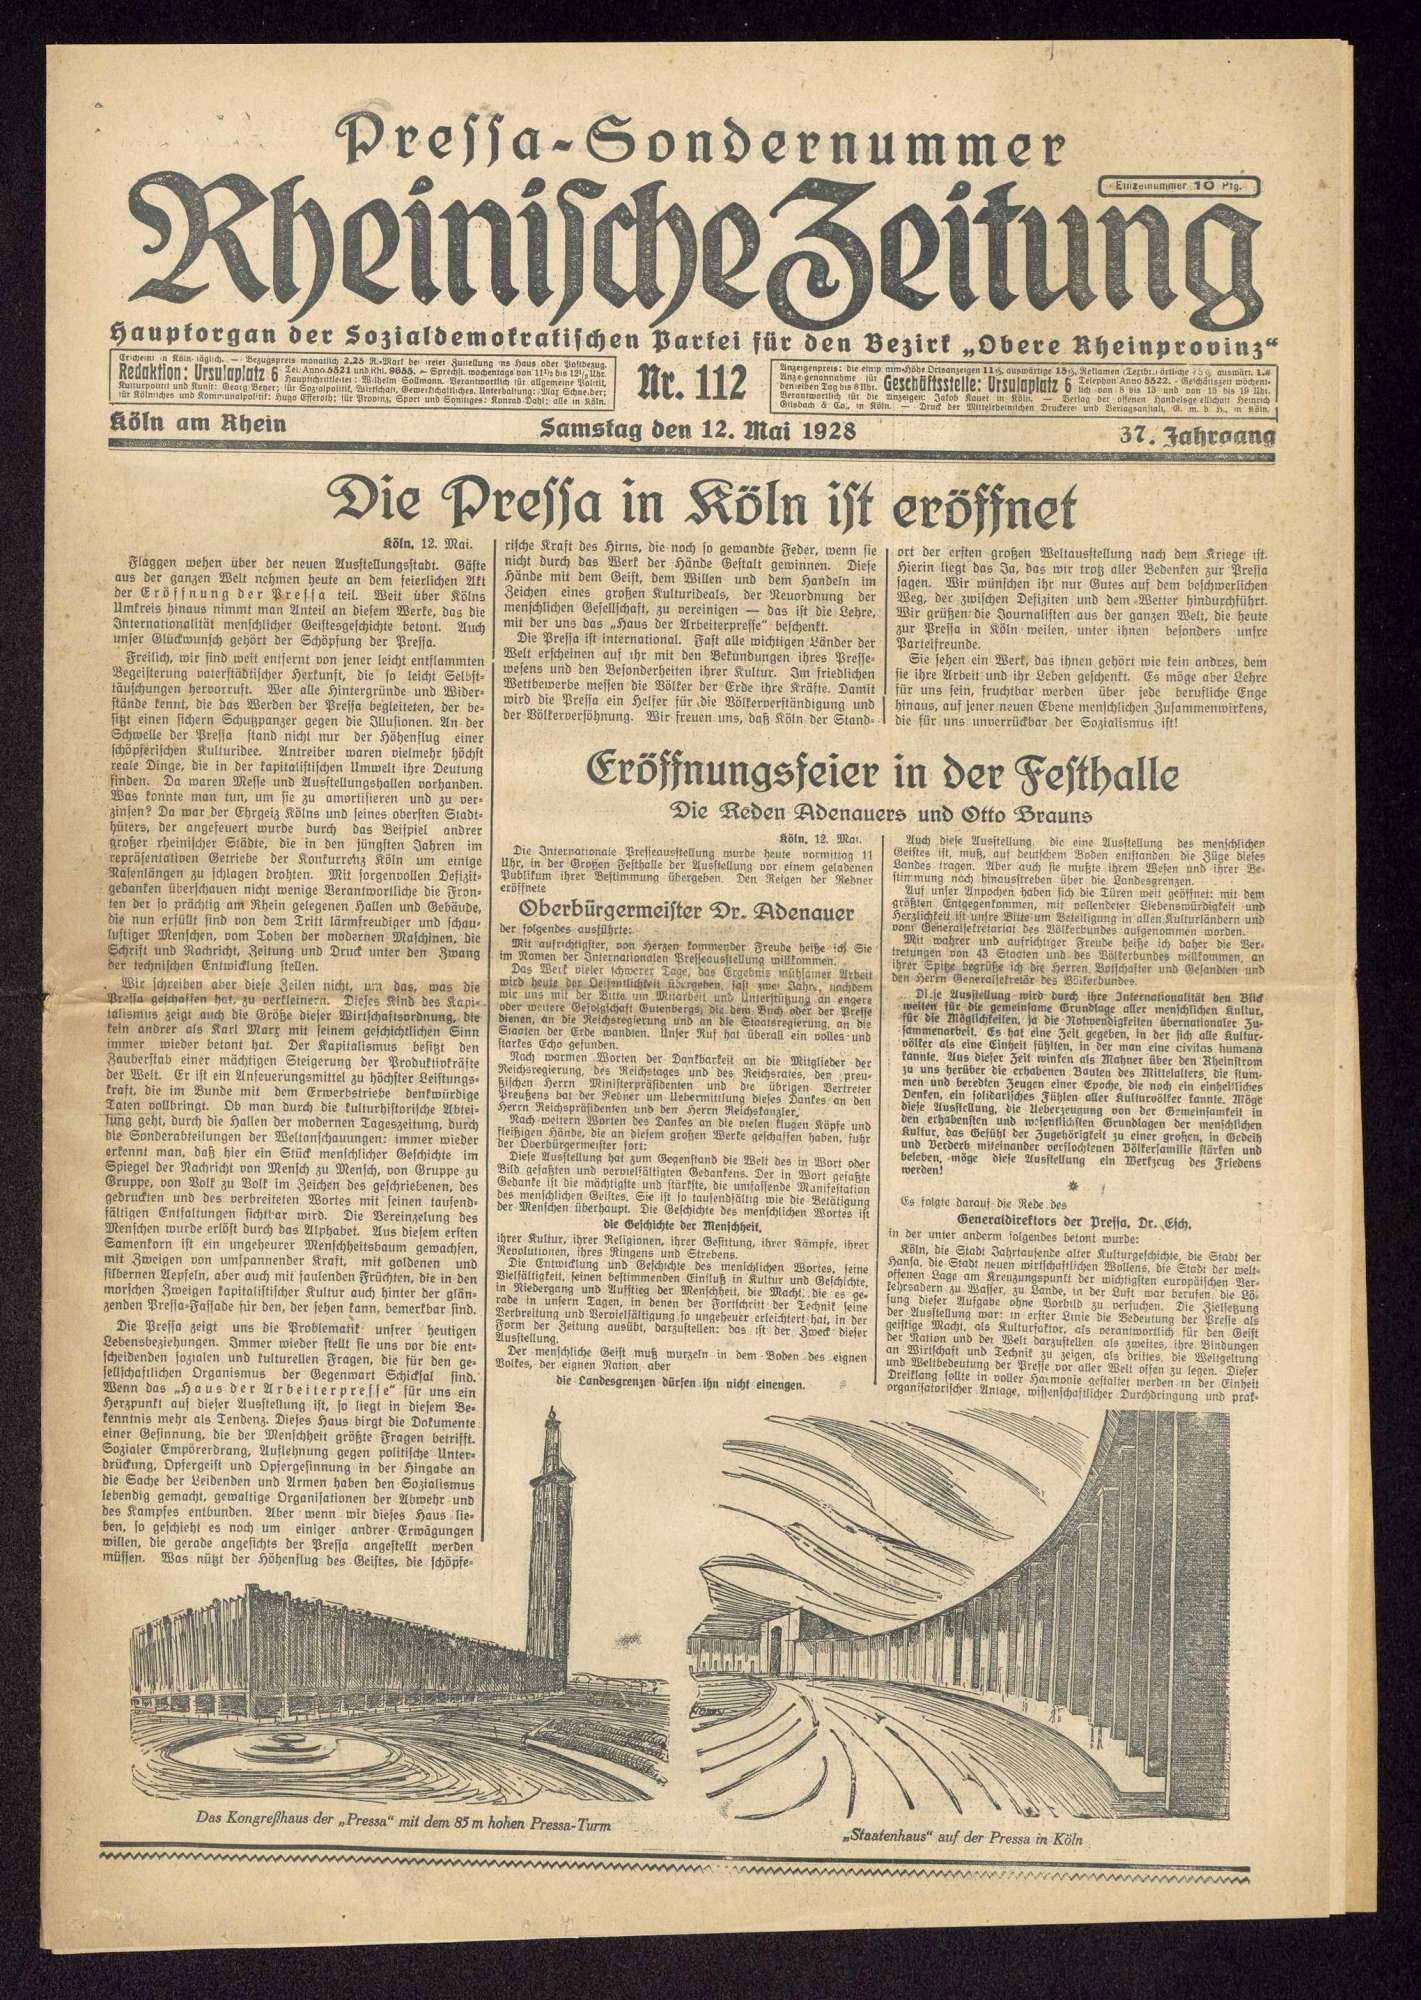 """Rheinische Zeitung. Hauptorgan der Sozialdemokratischen Partei für den Bezirk """"Obere Rheinprovinz"""", Köln, Nr. 112 v. 12.5.1928, Sondernummer zur Eröffnung der Internationalen Presseausstellung """"Pressa"""", Bild 1"""